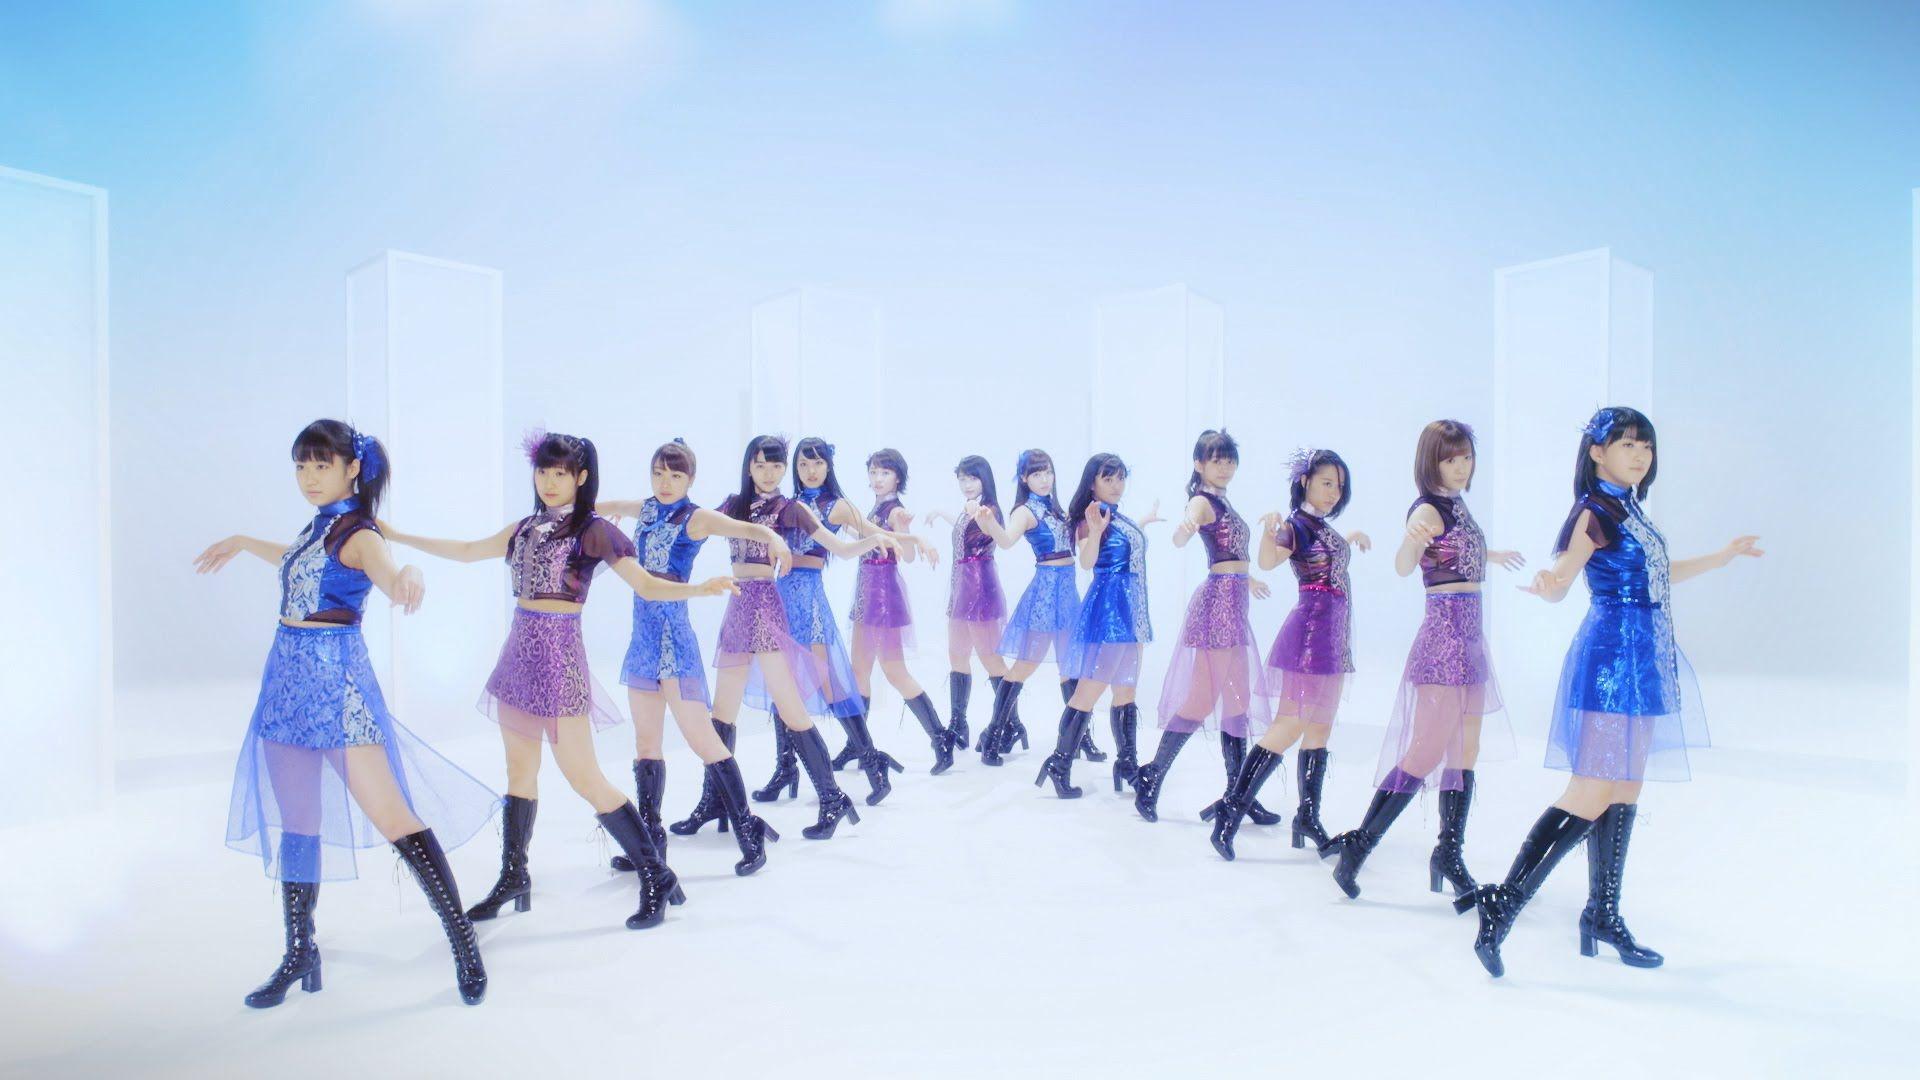 モーニング娘 15 Endless Sky Morning Musume 15 Endless Sky